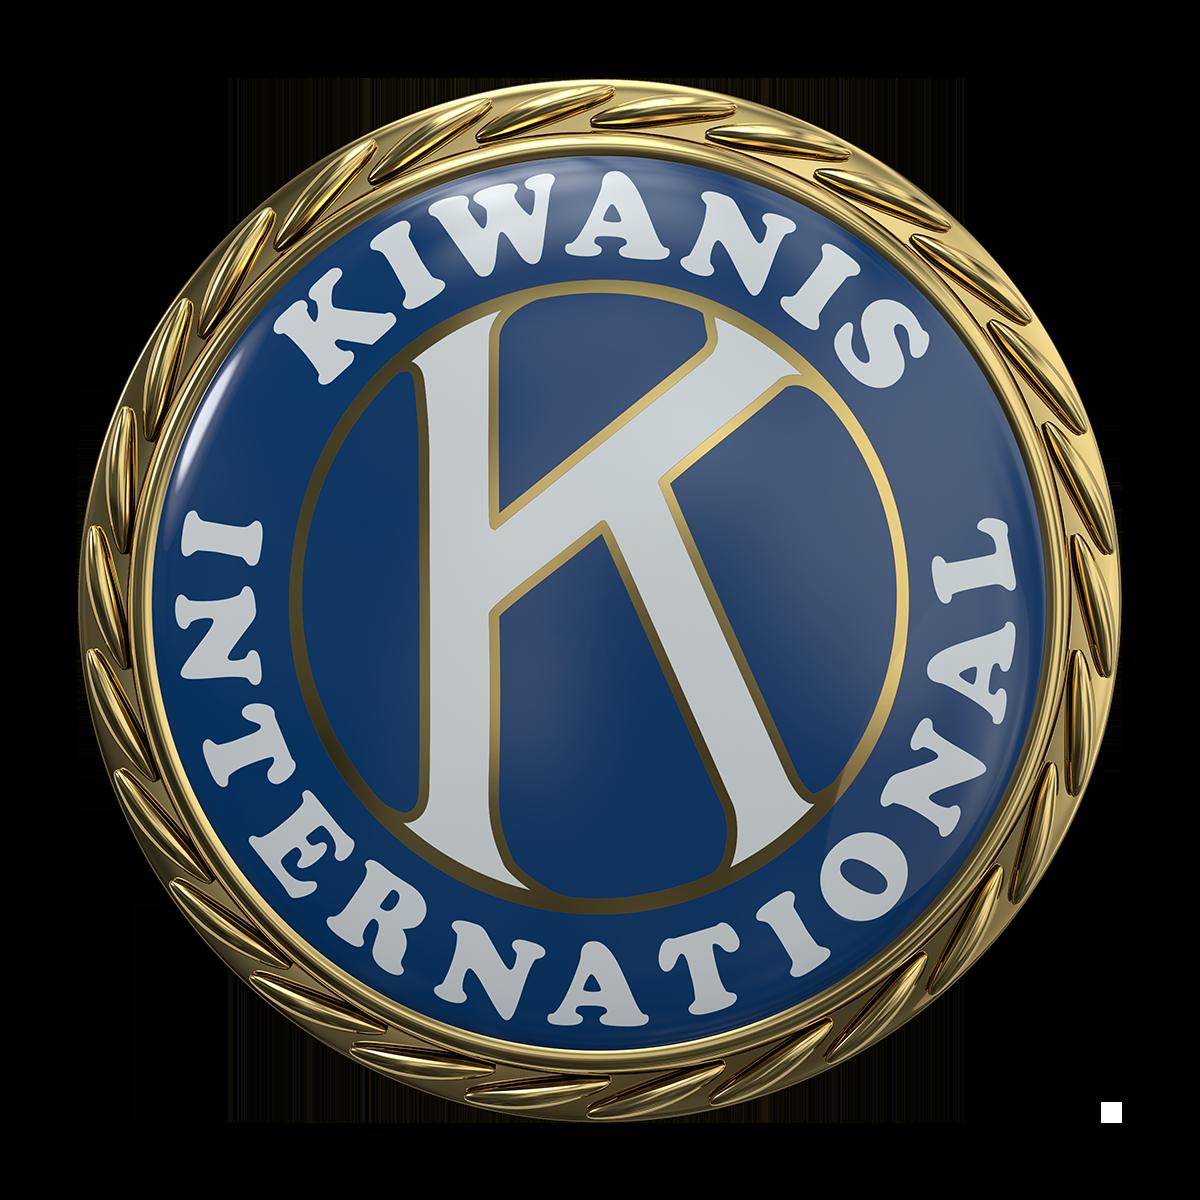 Kiwanis Pin